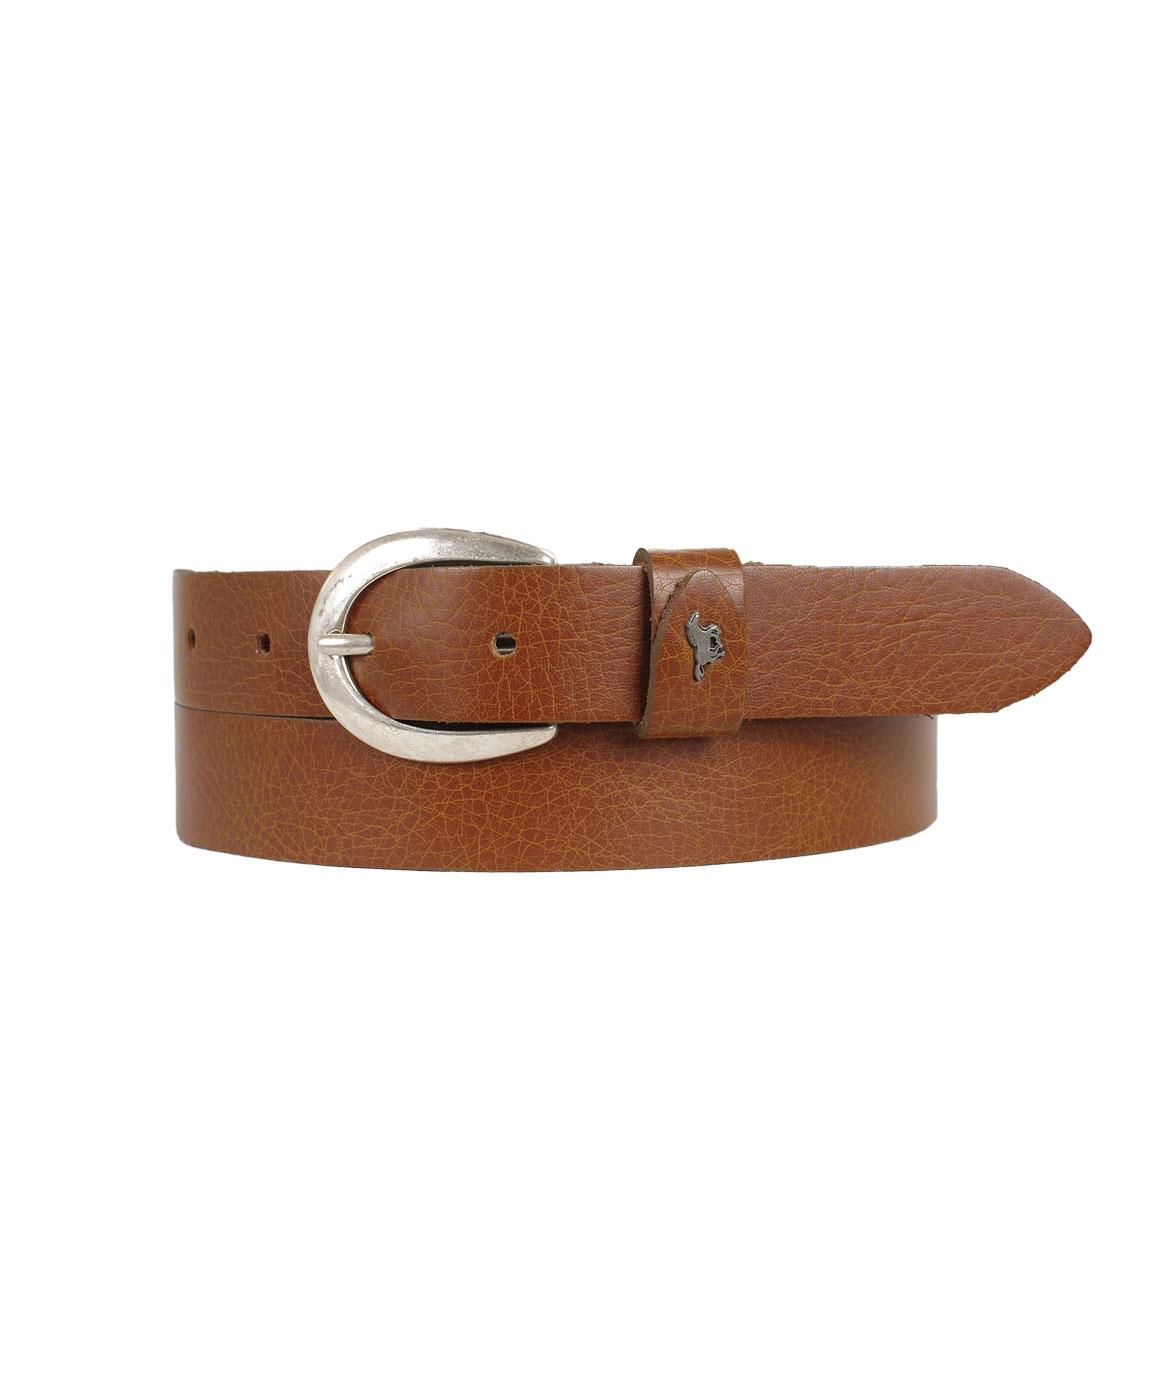 Guertel - Mustang Taillengürtel Damen 2,5cm Softledergürtel in Cognac  - Onlineshop Jeans Meile